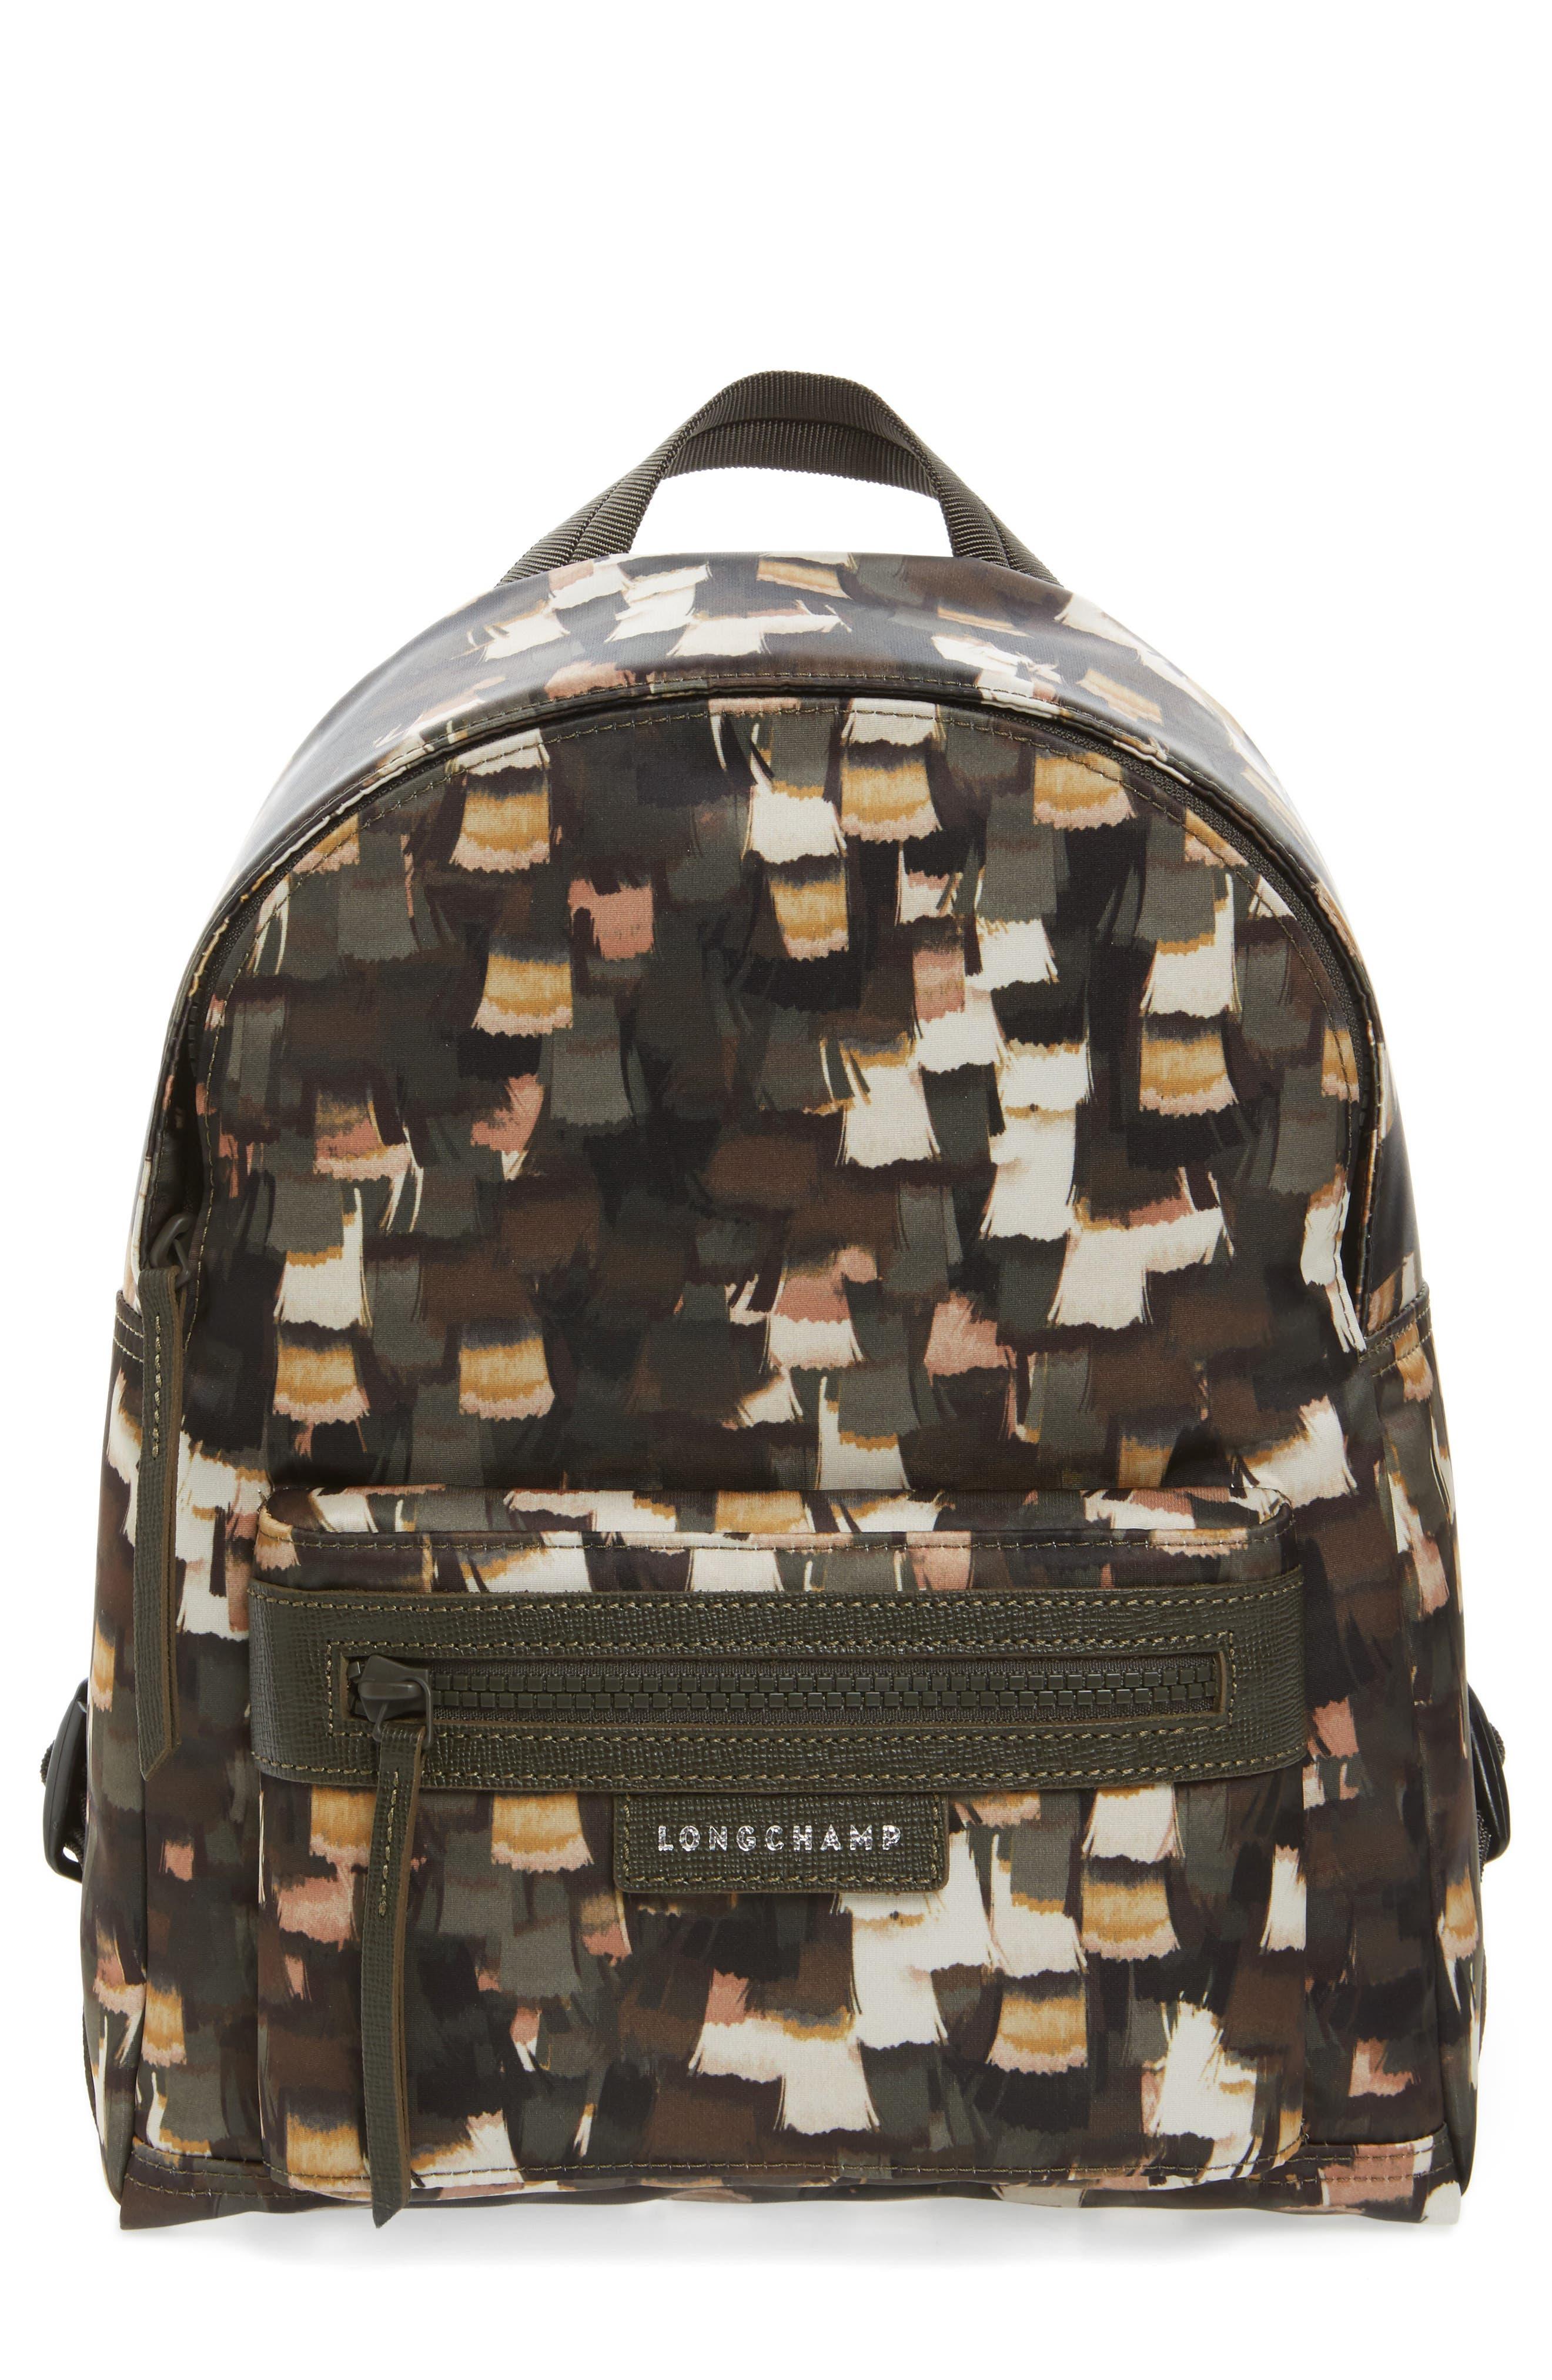 Le Pliage Neo - Vibrations Nylon Backpack,                             Main thumbnail 1, color,                             Khaki